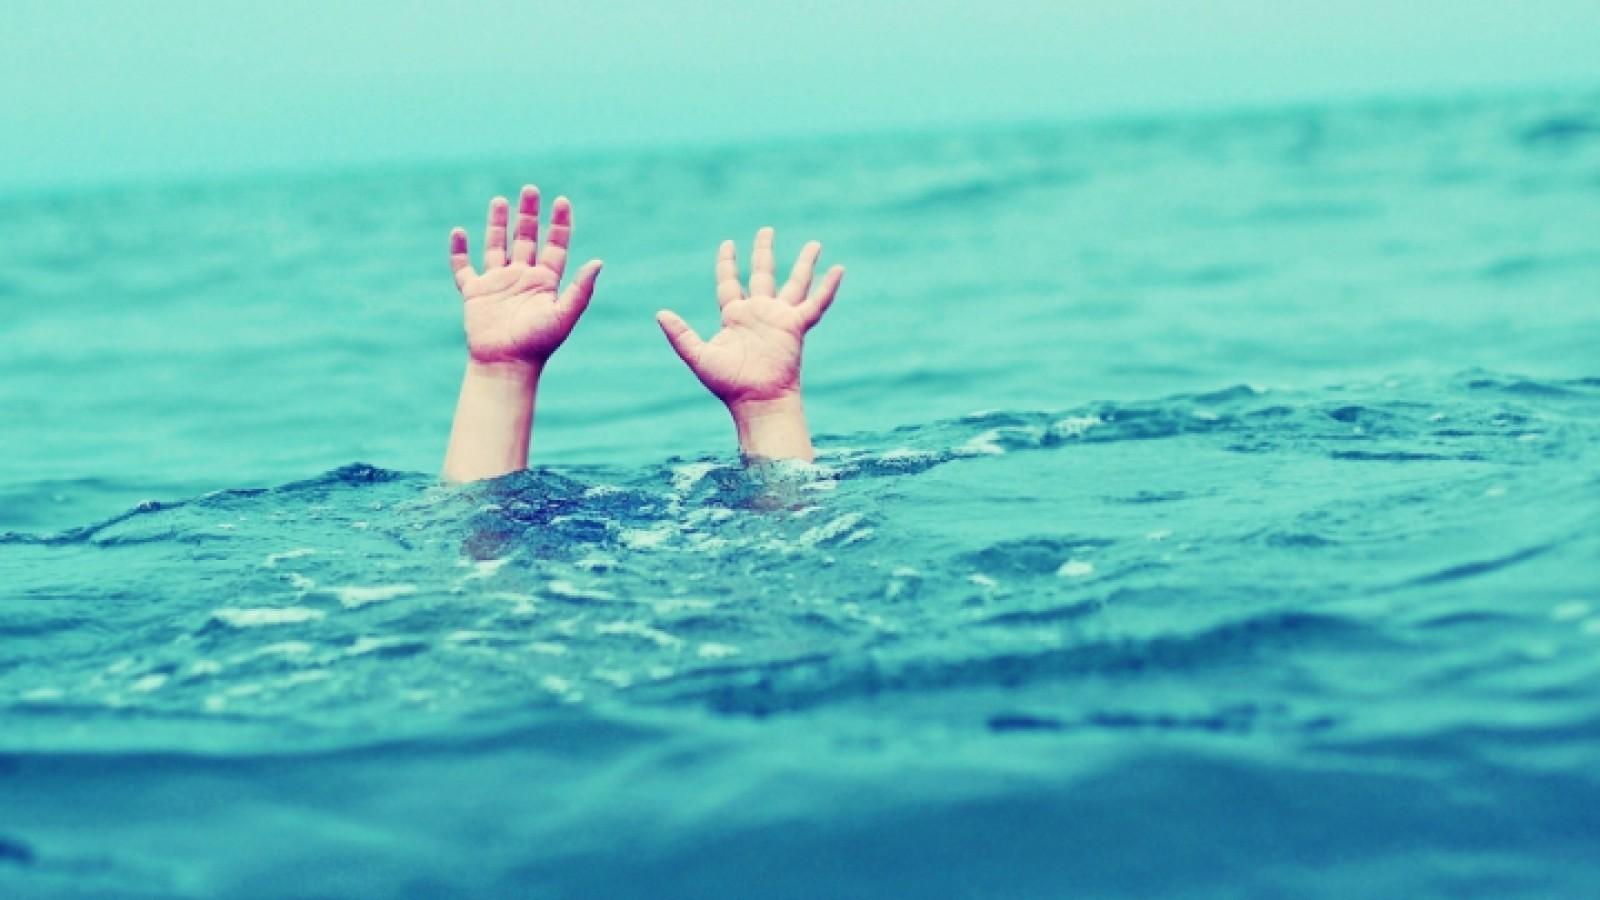 Încă un minor s-a înecat la Orhei: Un băiat de 13 ani s-a scufundat în apă, însă la suprafață nu a mai ieșit